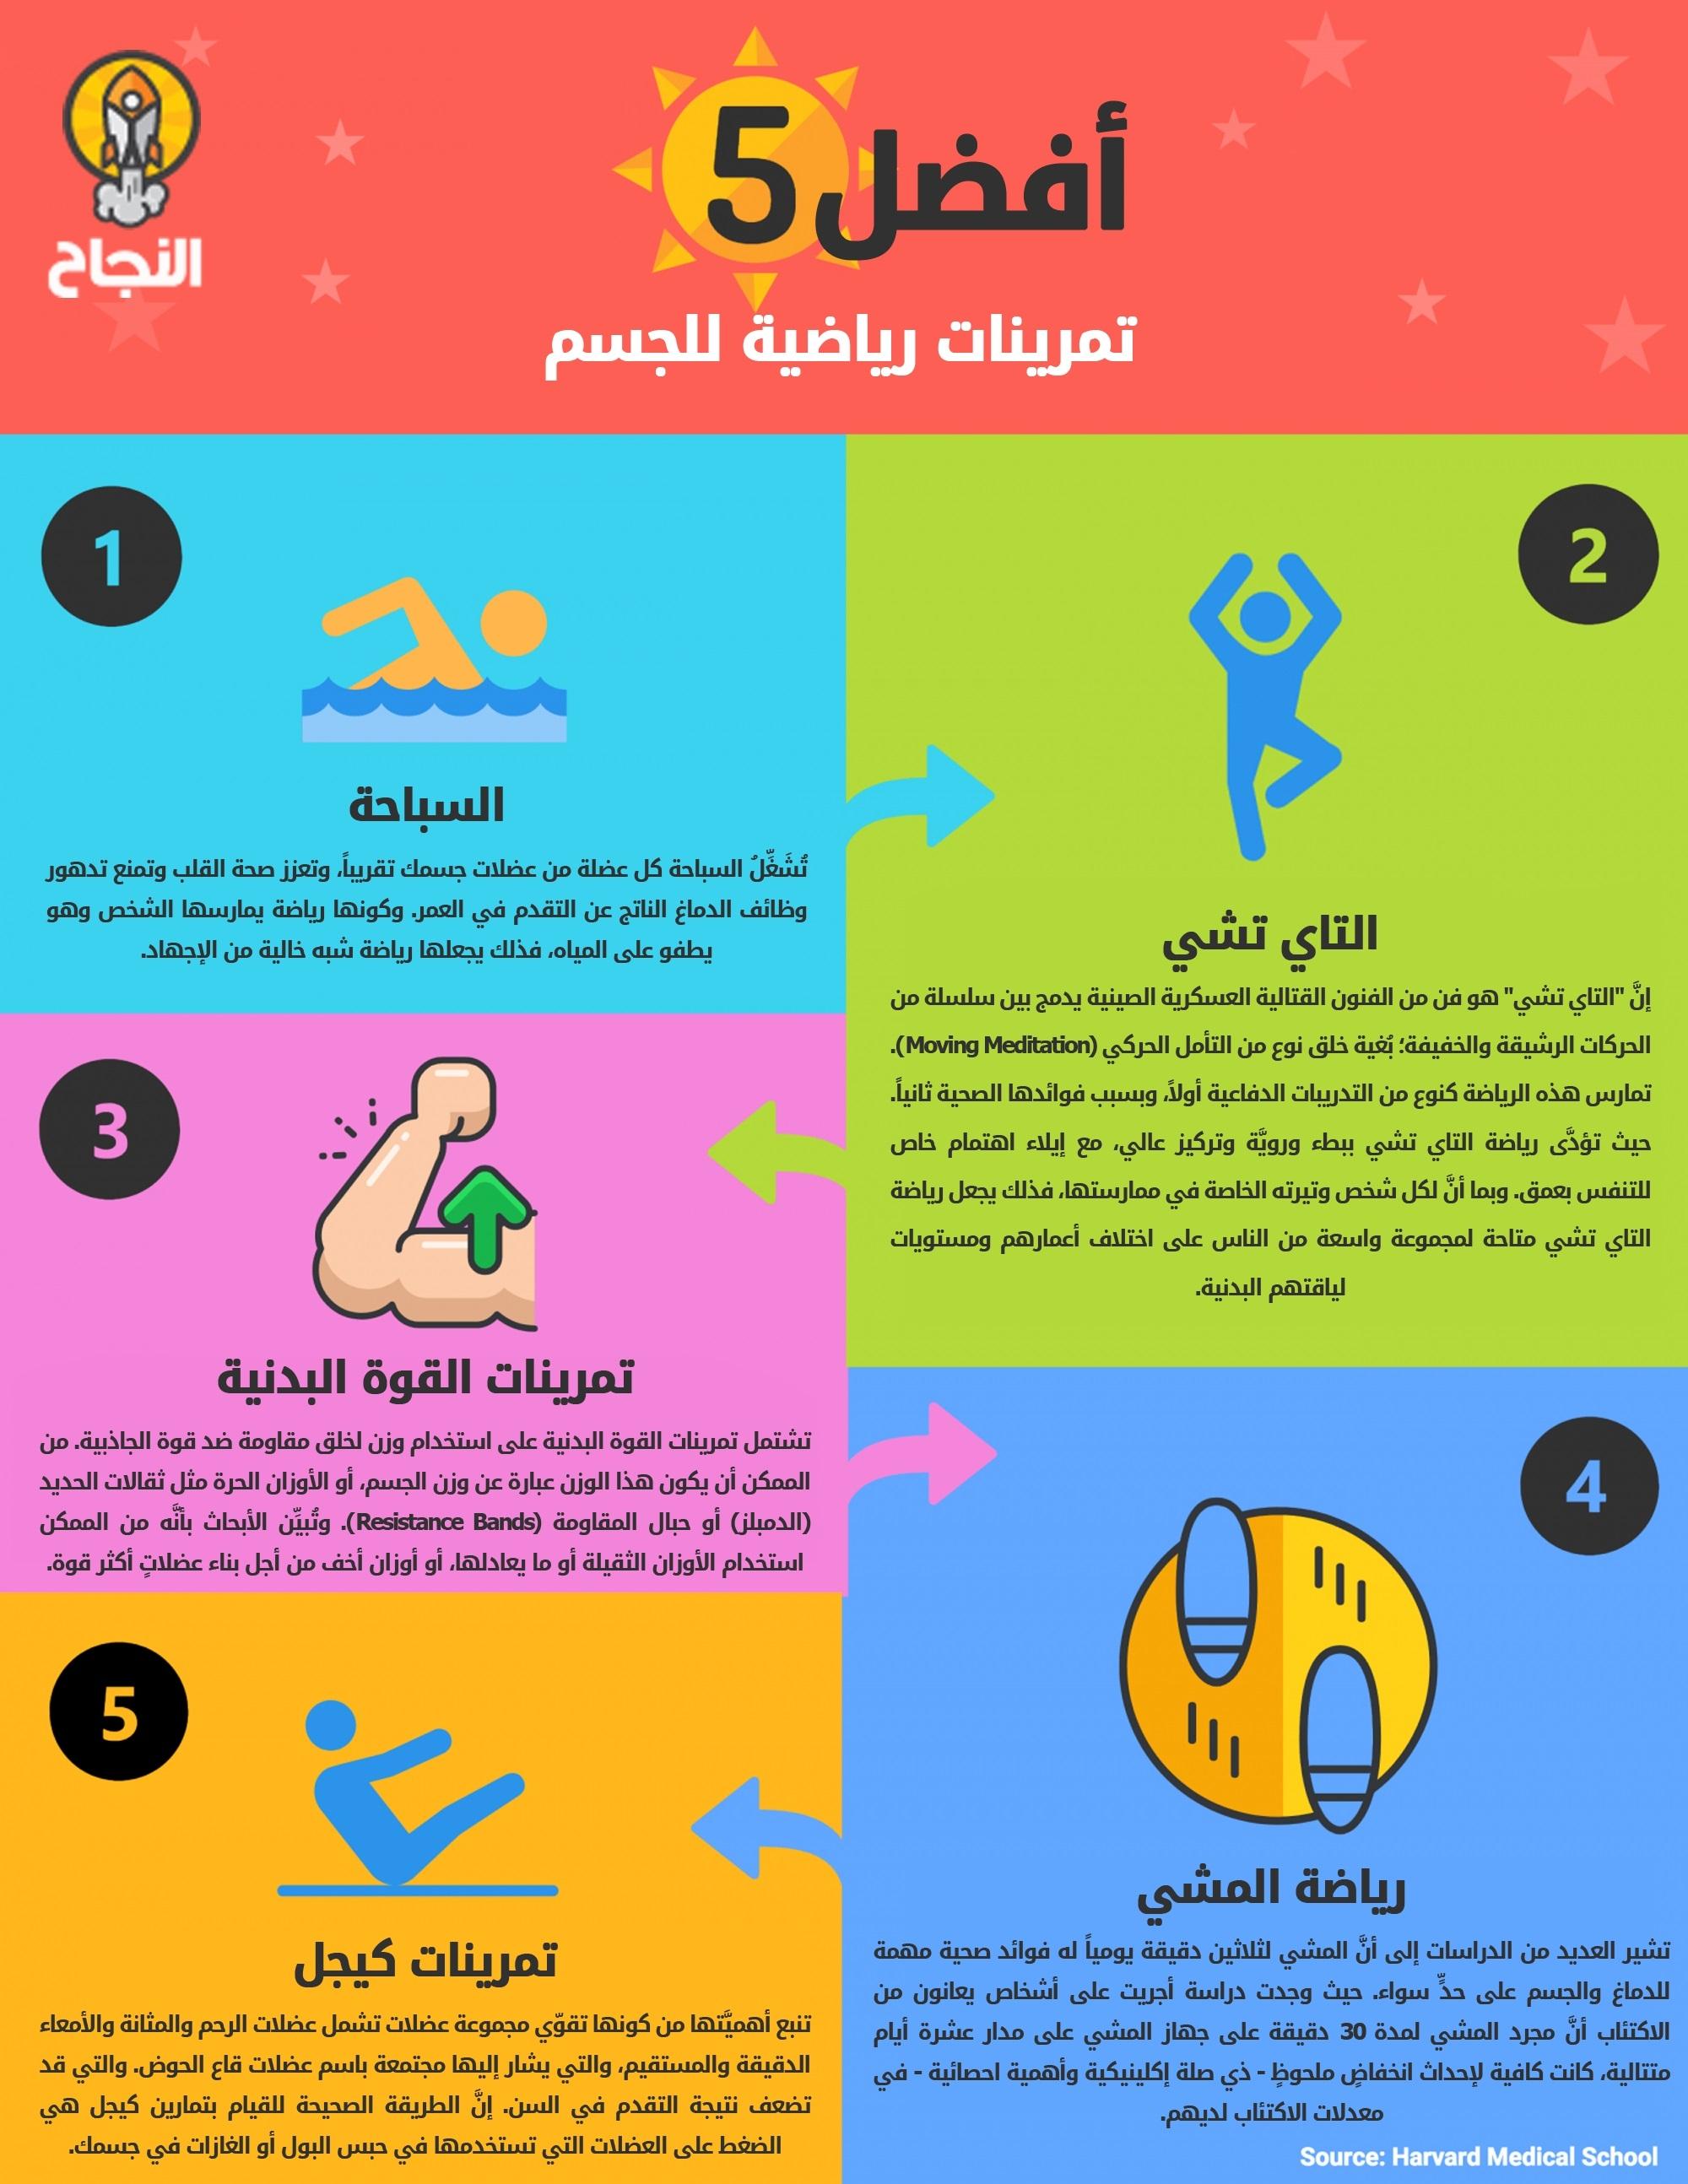 عبارات عن الرياضة والصحة